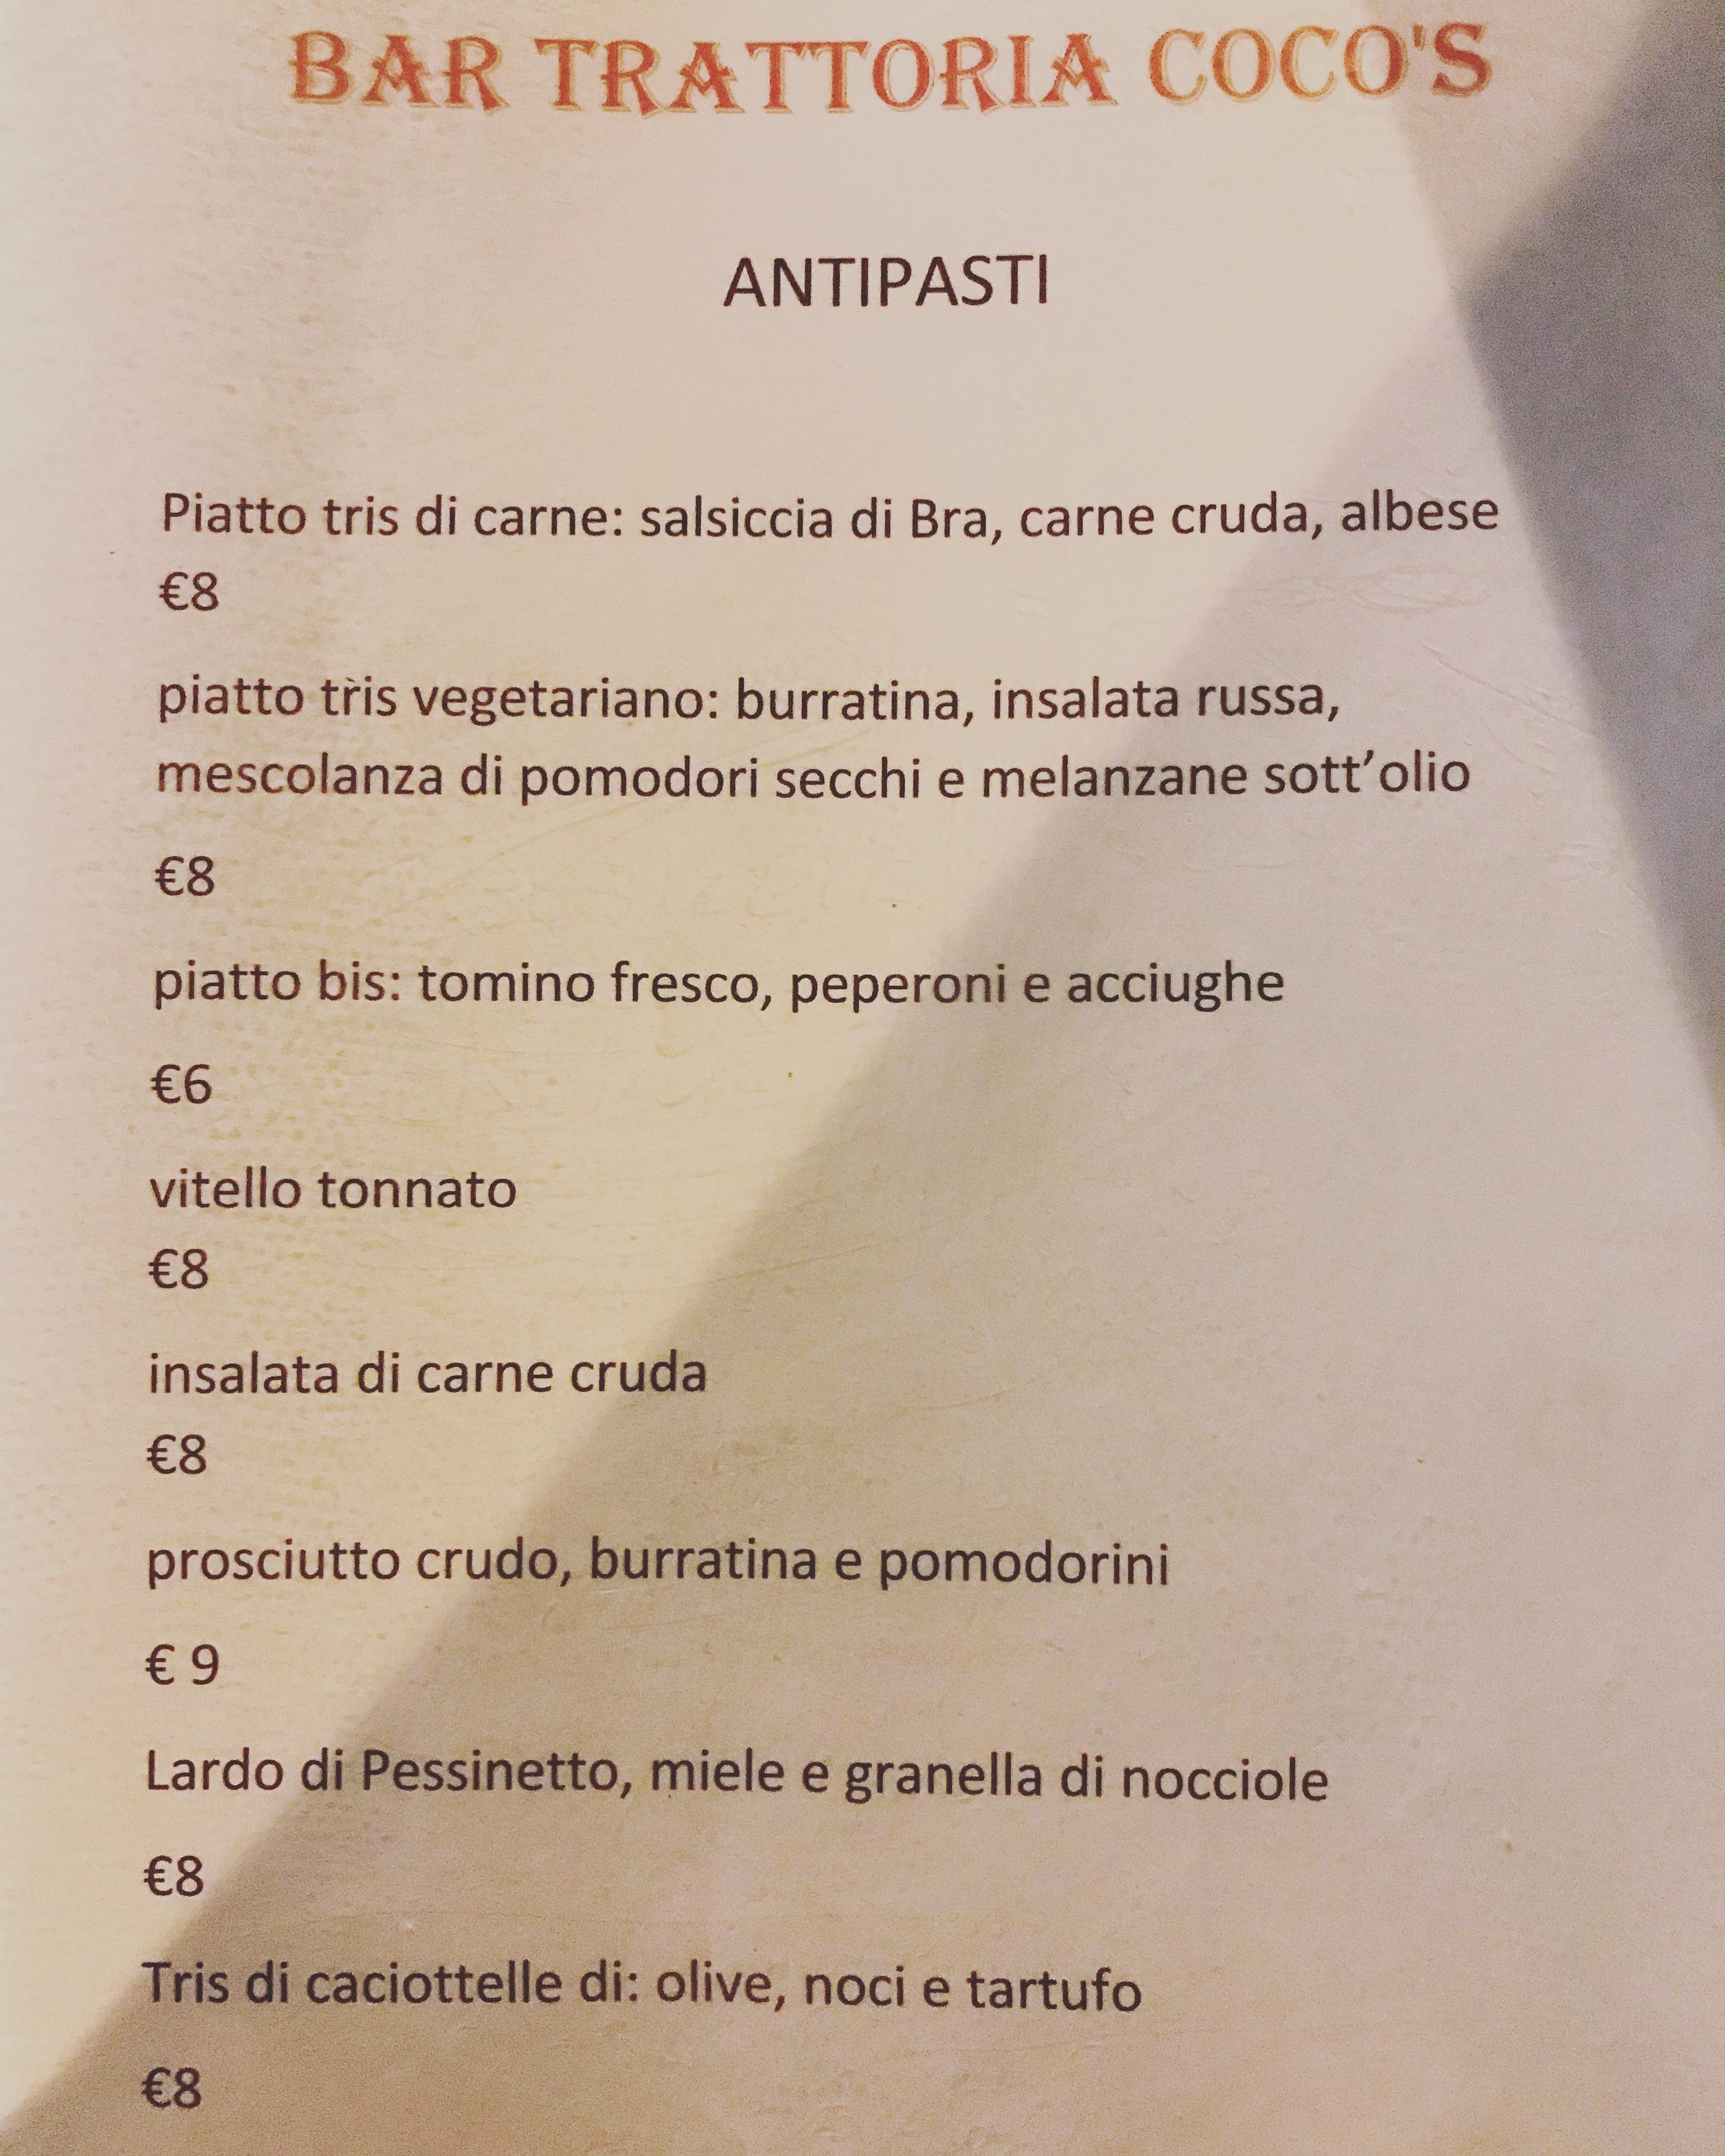 Trattoria Coco's